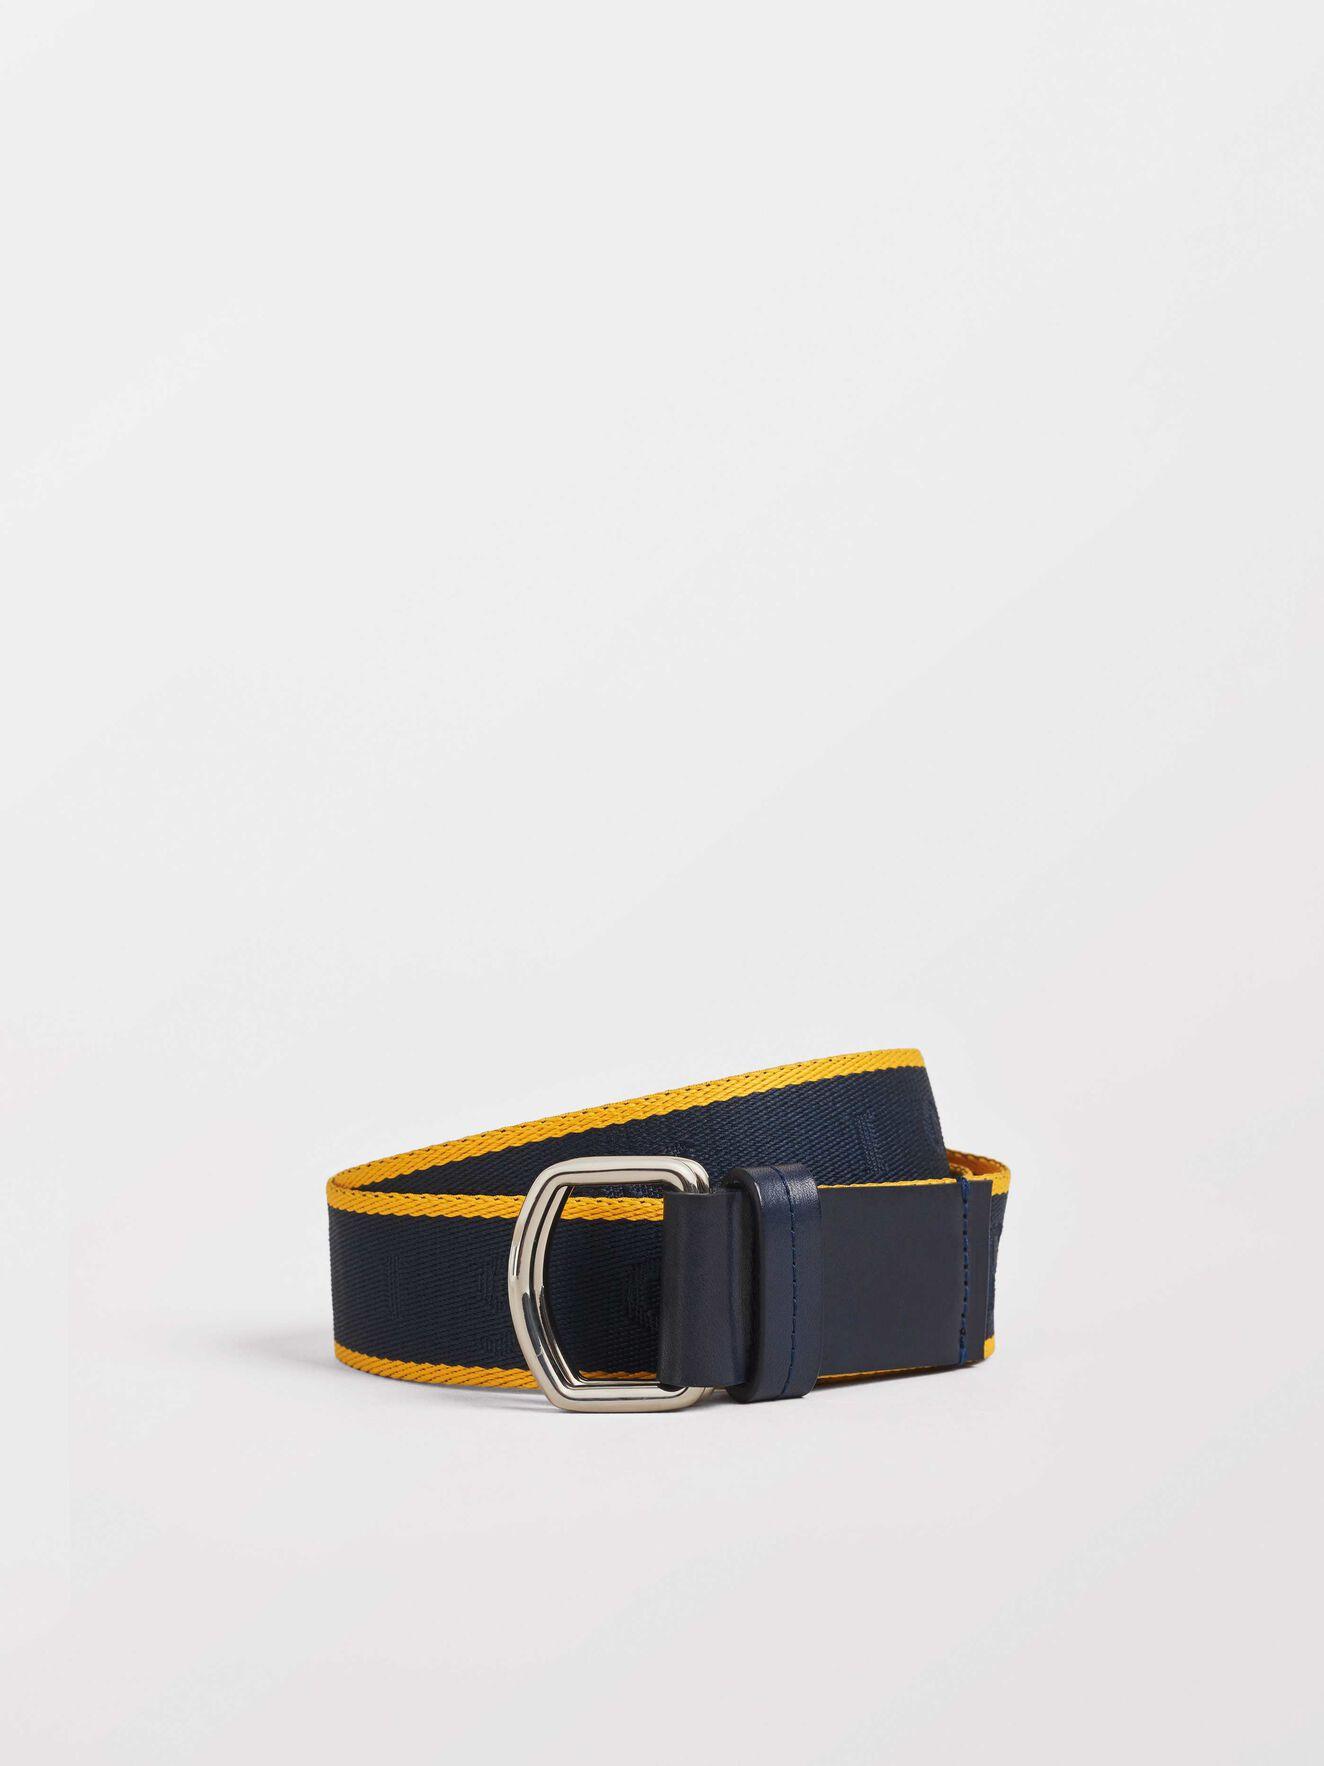 Blivit Belt in Light Ink from Tiger of Sweden